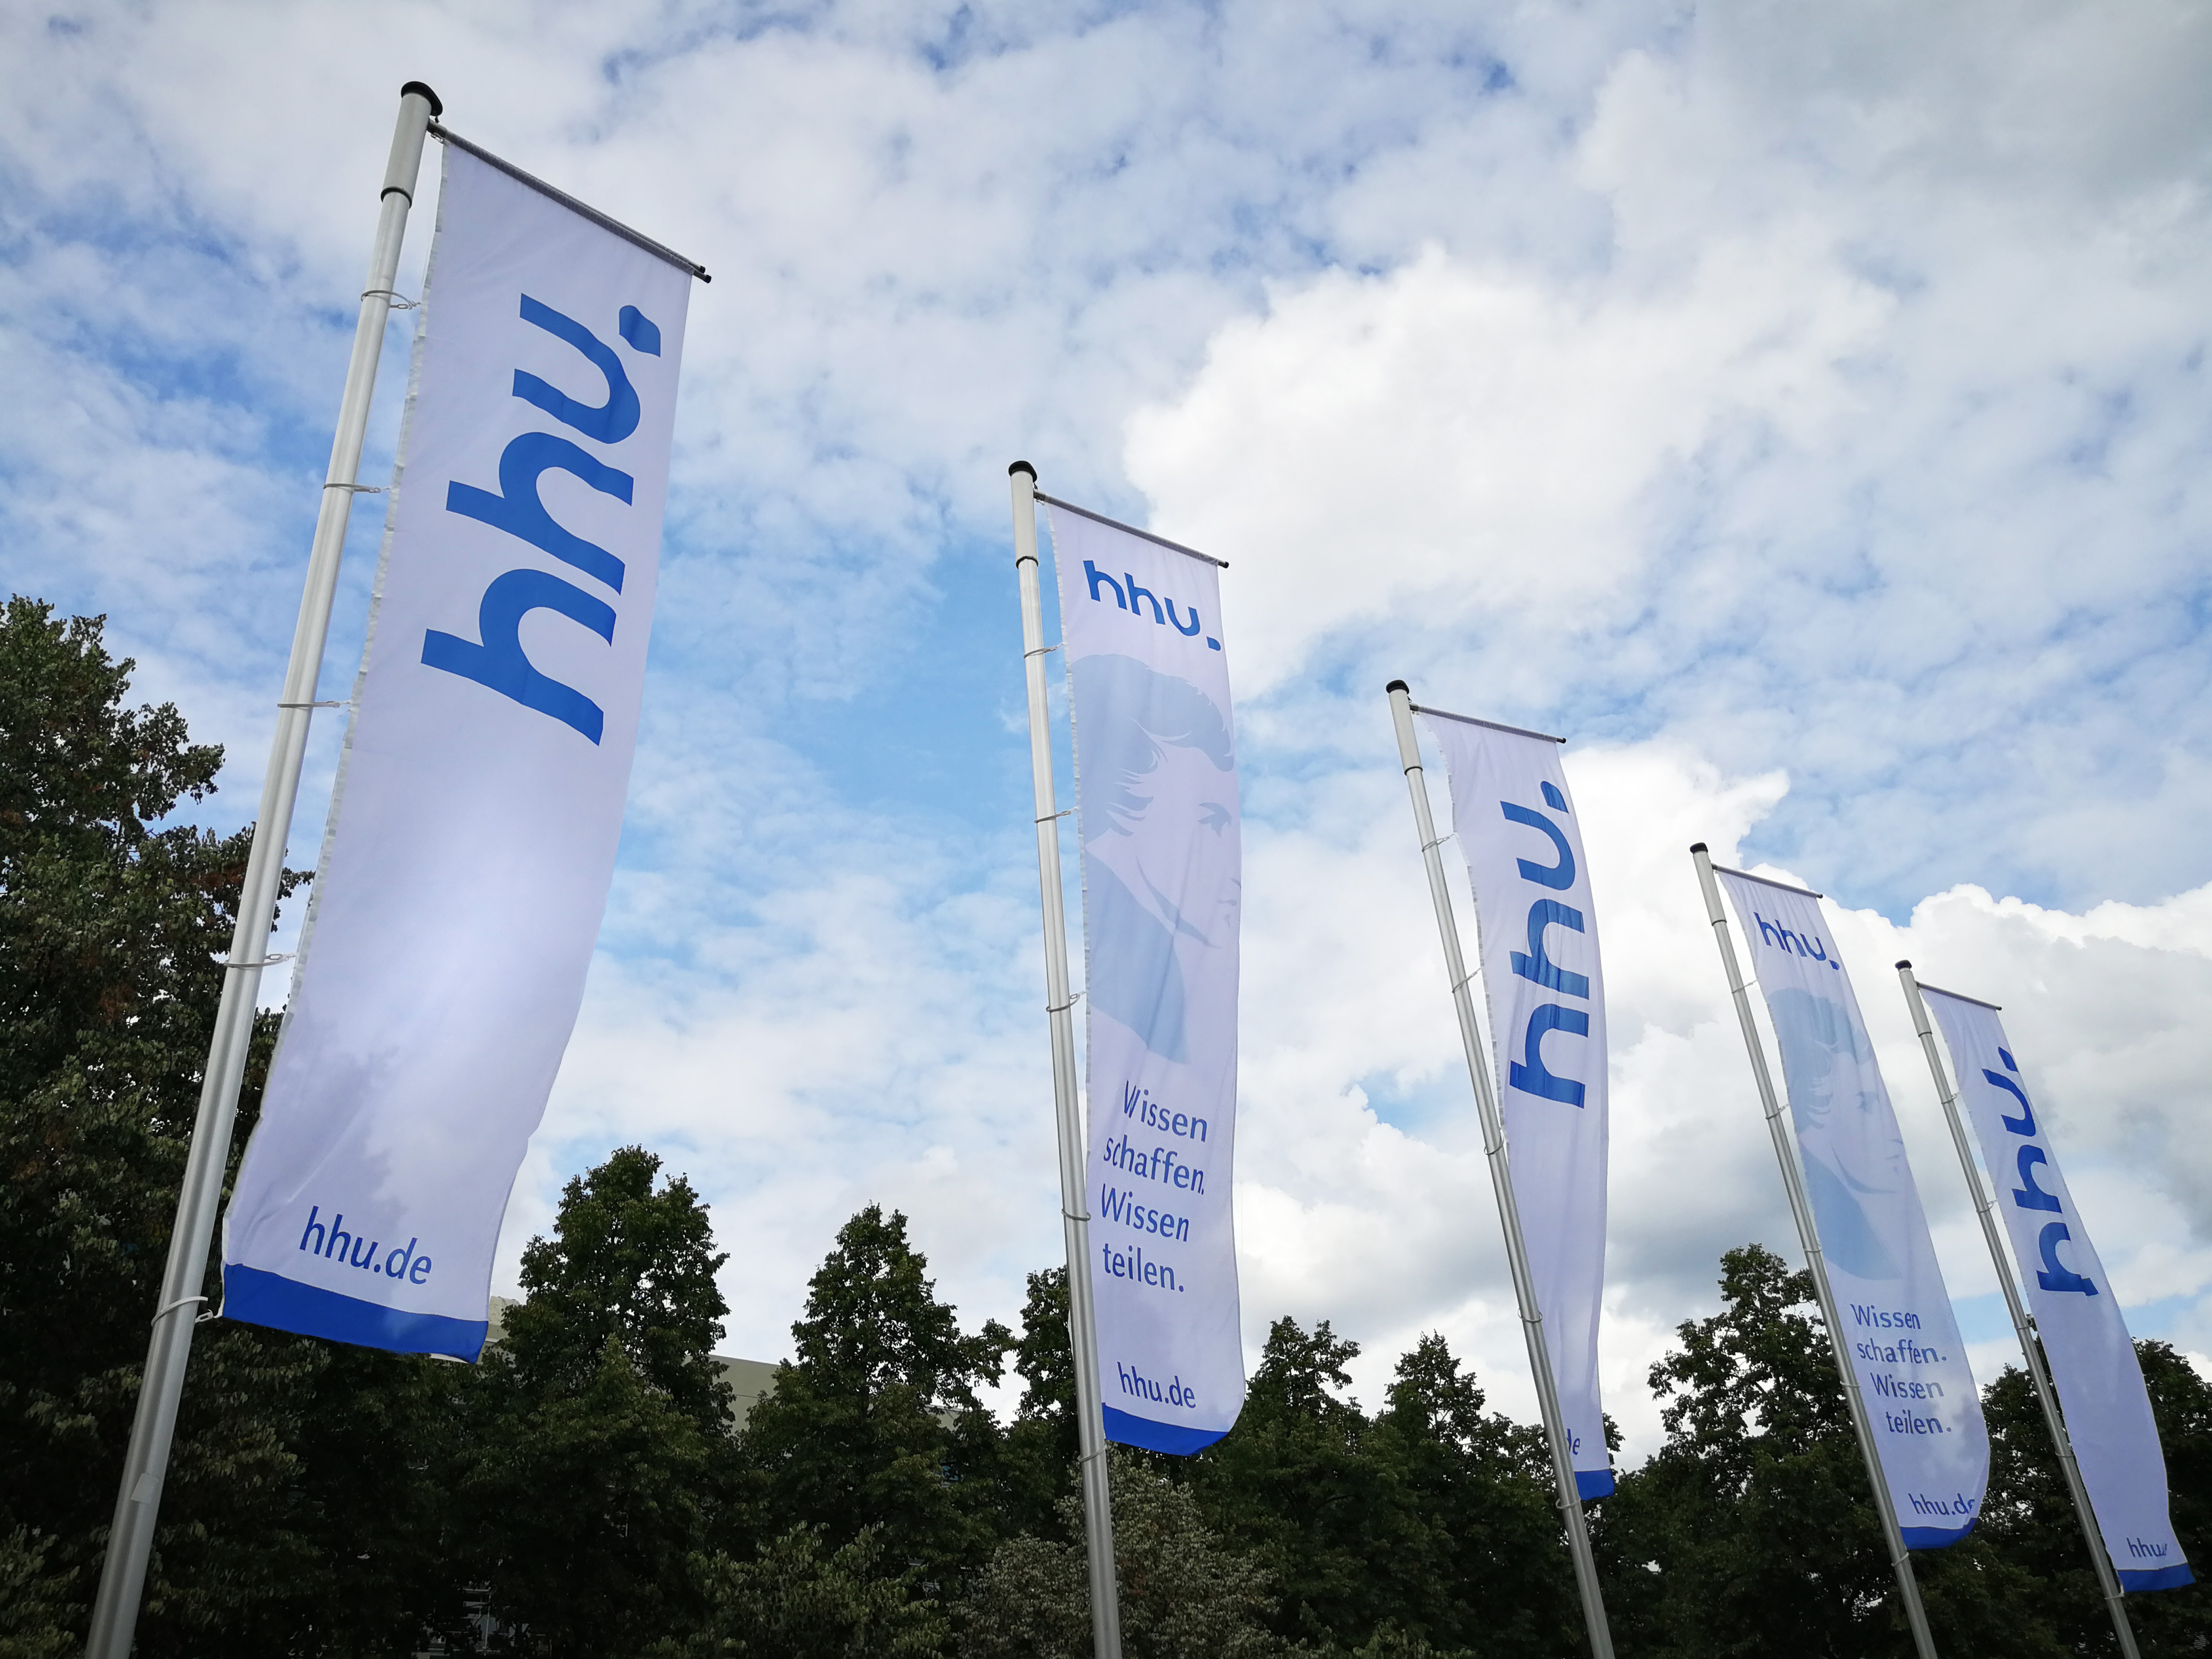 Heinrich-Heine-Universität Düsseldorf – CD/Logo - Markenbildung & Positionierung